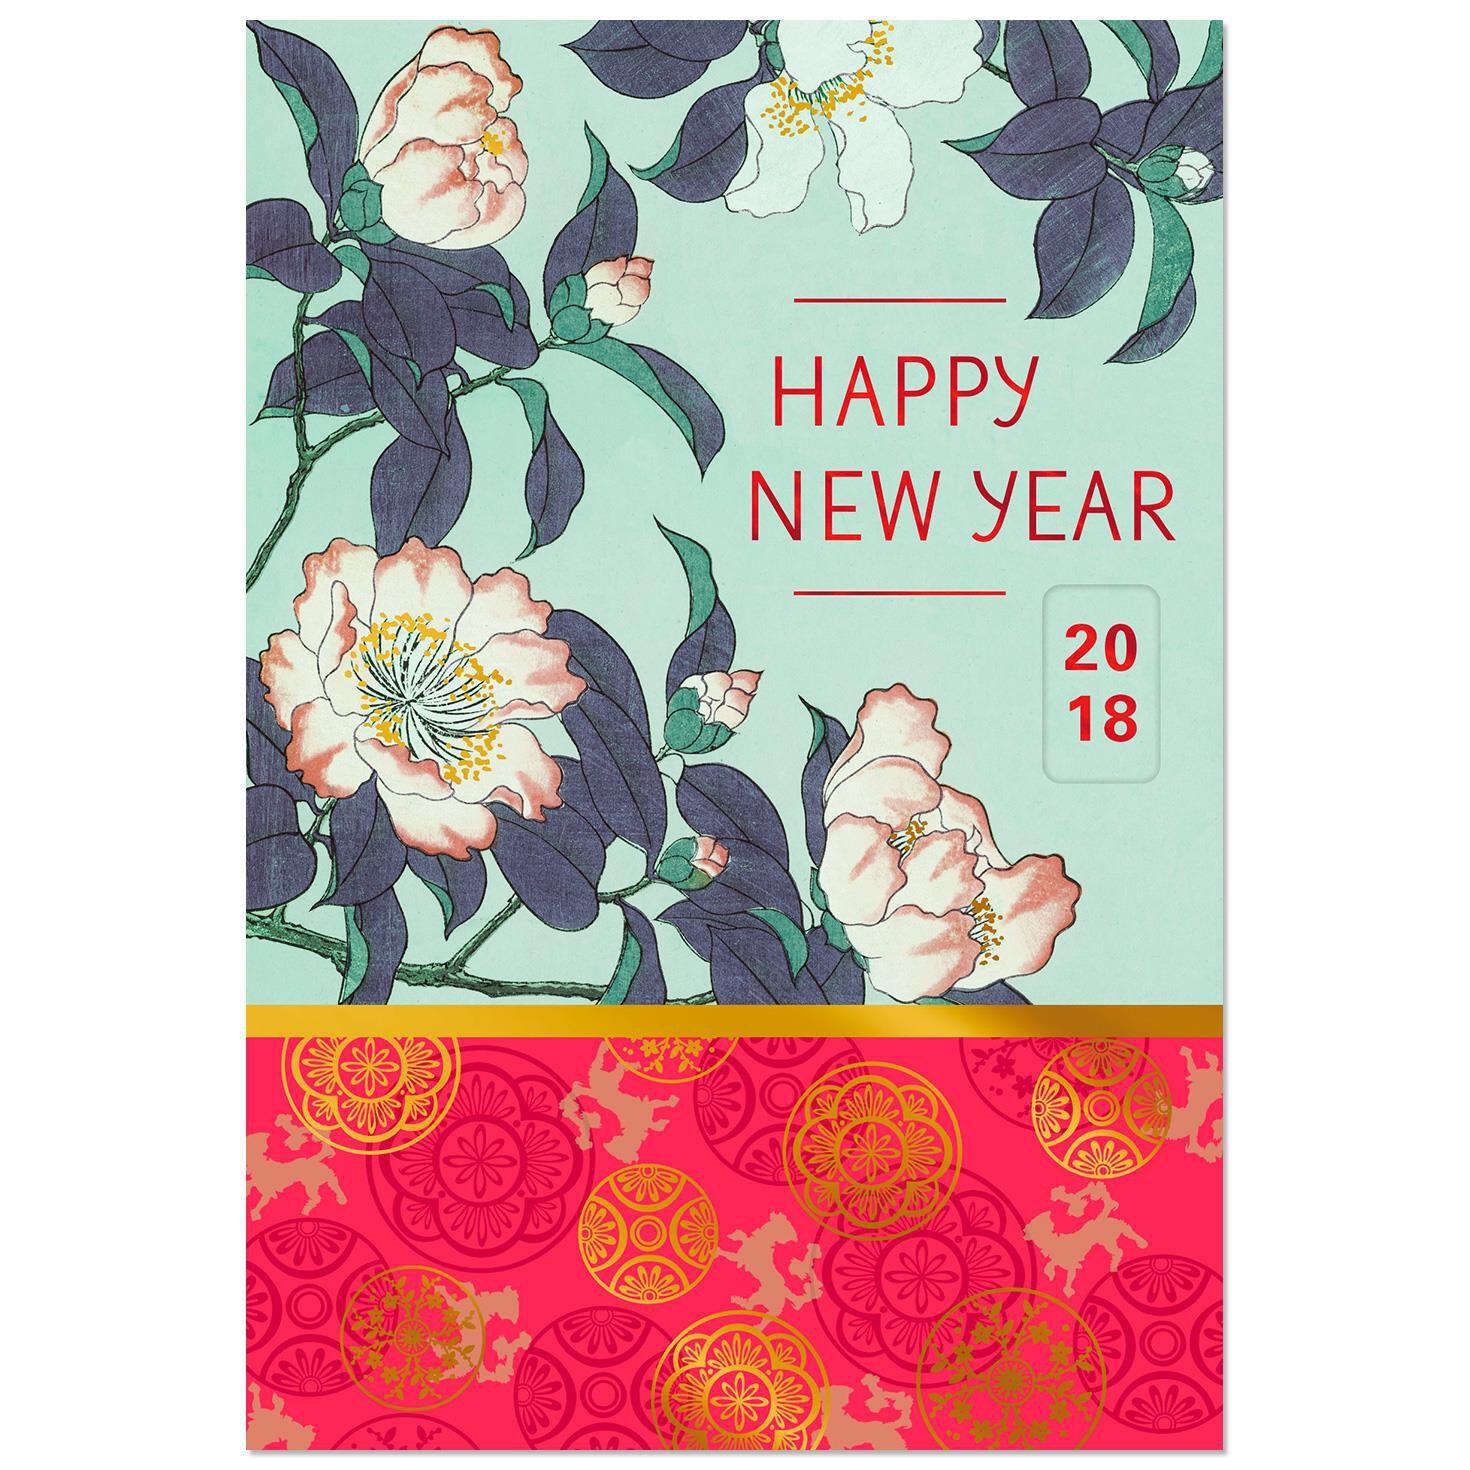 Magnolias 2018 Lunar New Year Card Greeting Cards Hallmark